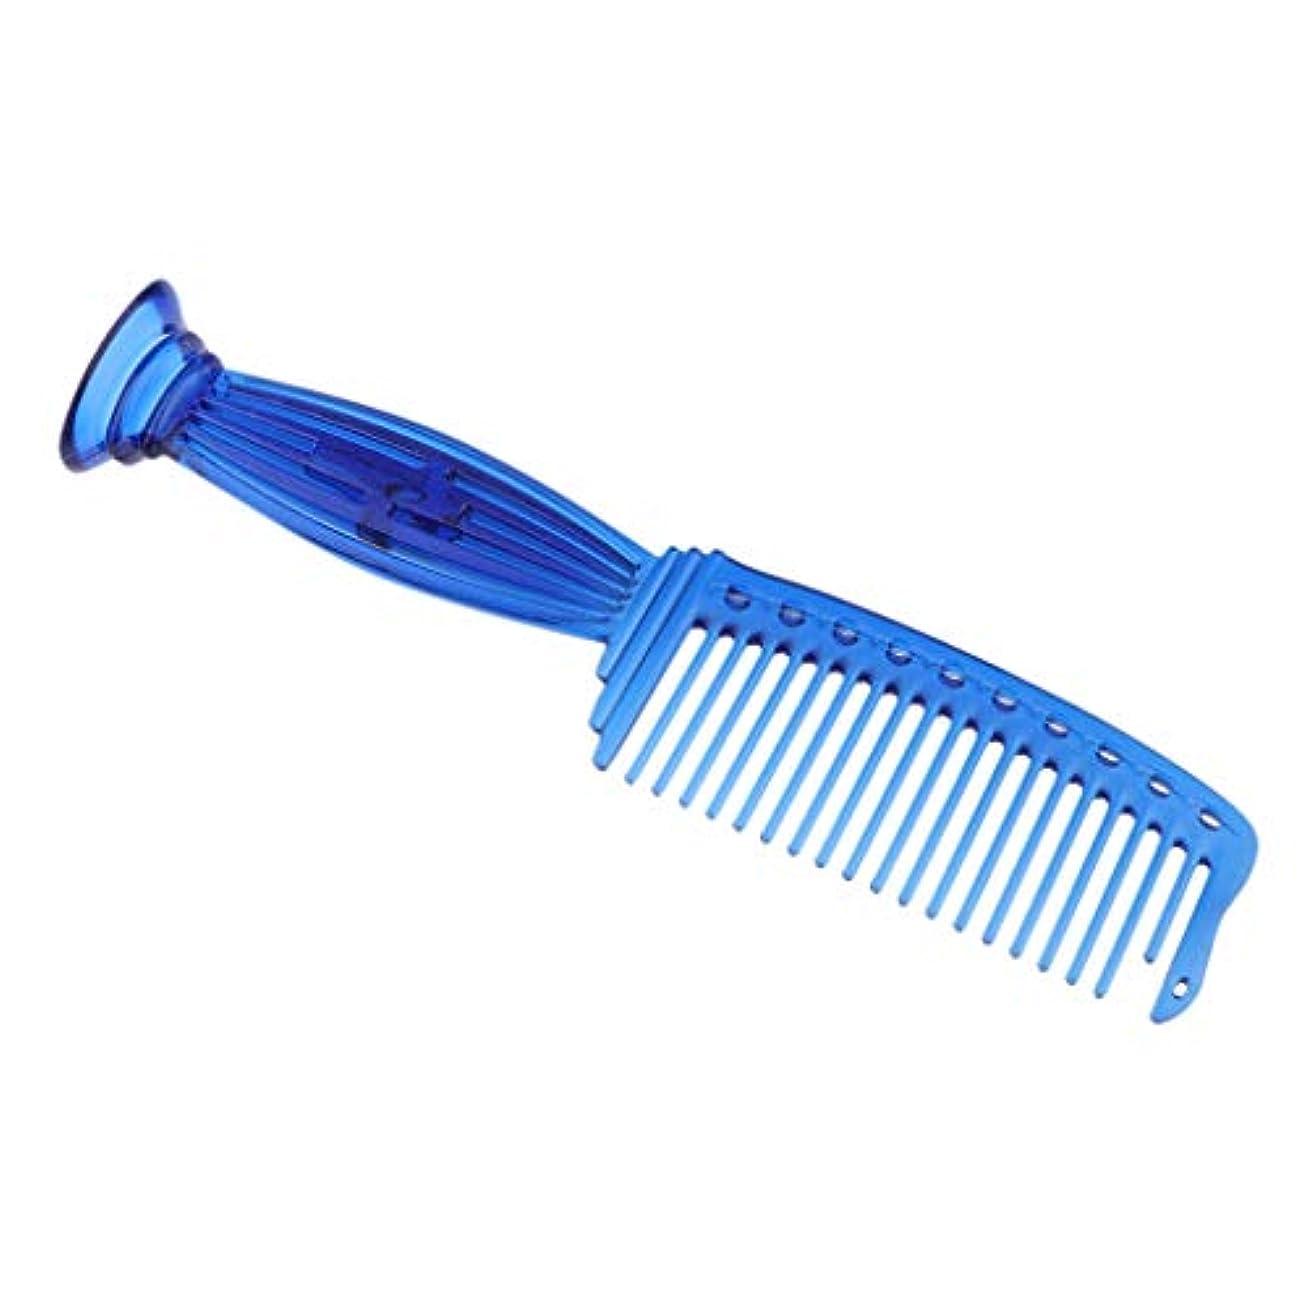 視力うがい利用可能ヘアコーム ヘアブラシ プロ ヘアサロン 理髪師 ワイド歯 プラスチック 5色選べ - 青